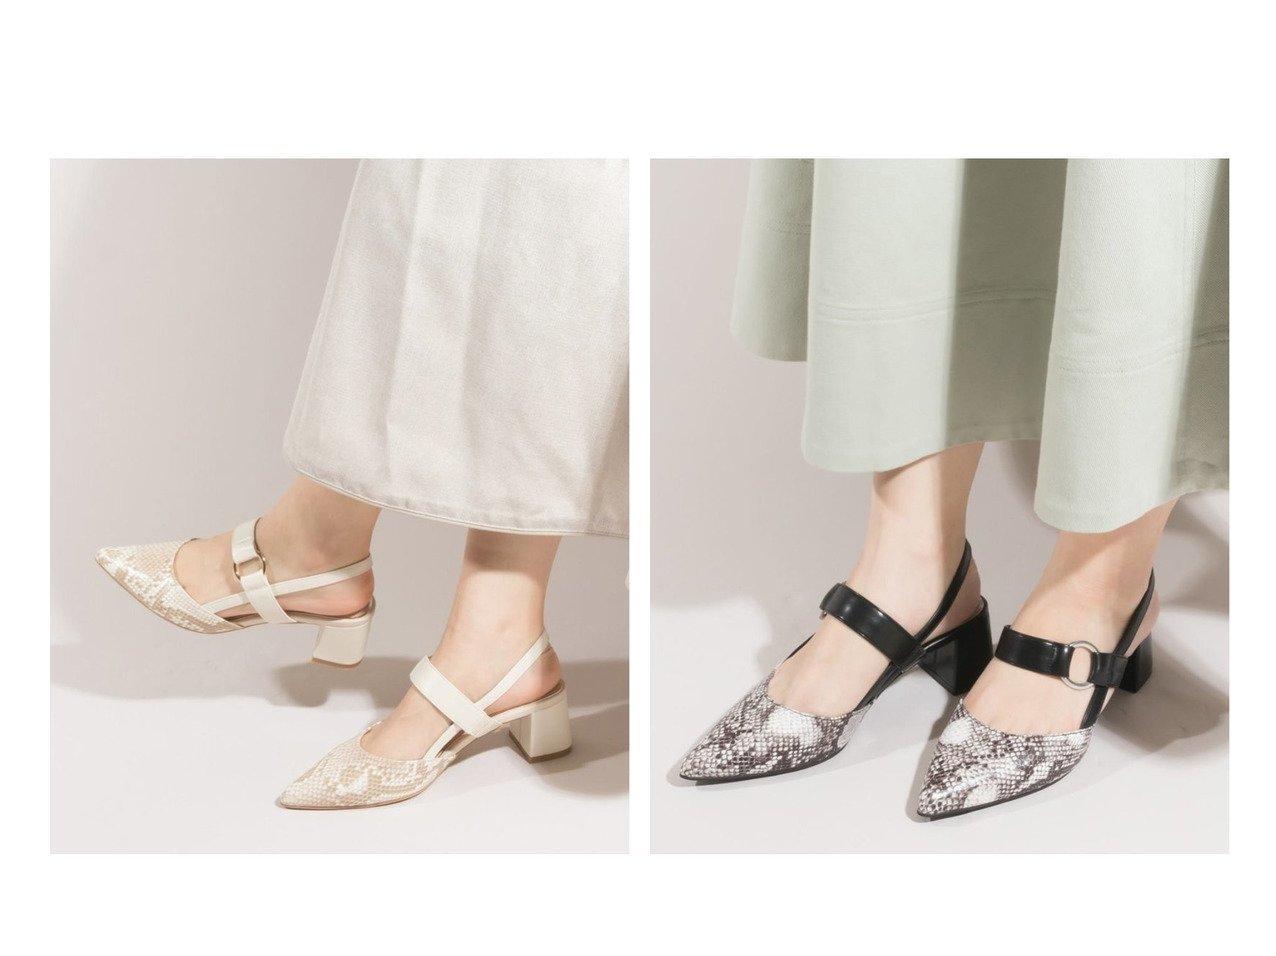 【RANDA/ランダ】のベルトストラップパンプス 【シューズ・靴】おすすめ!人気、トレンド・レディースファッションの通販   | レディースファッション・服の通販 founy(ファニー)